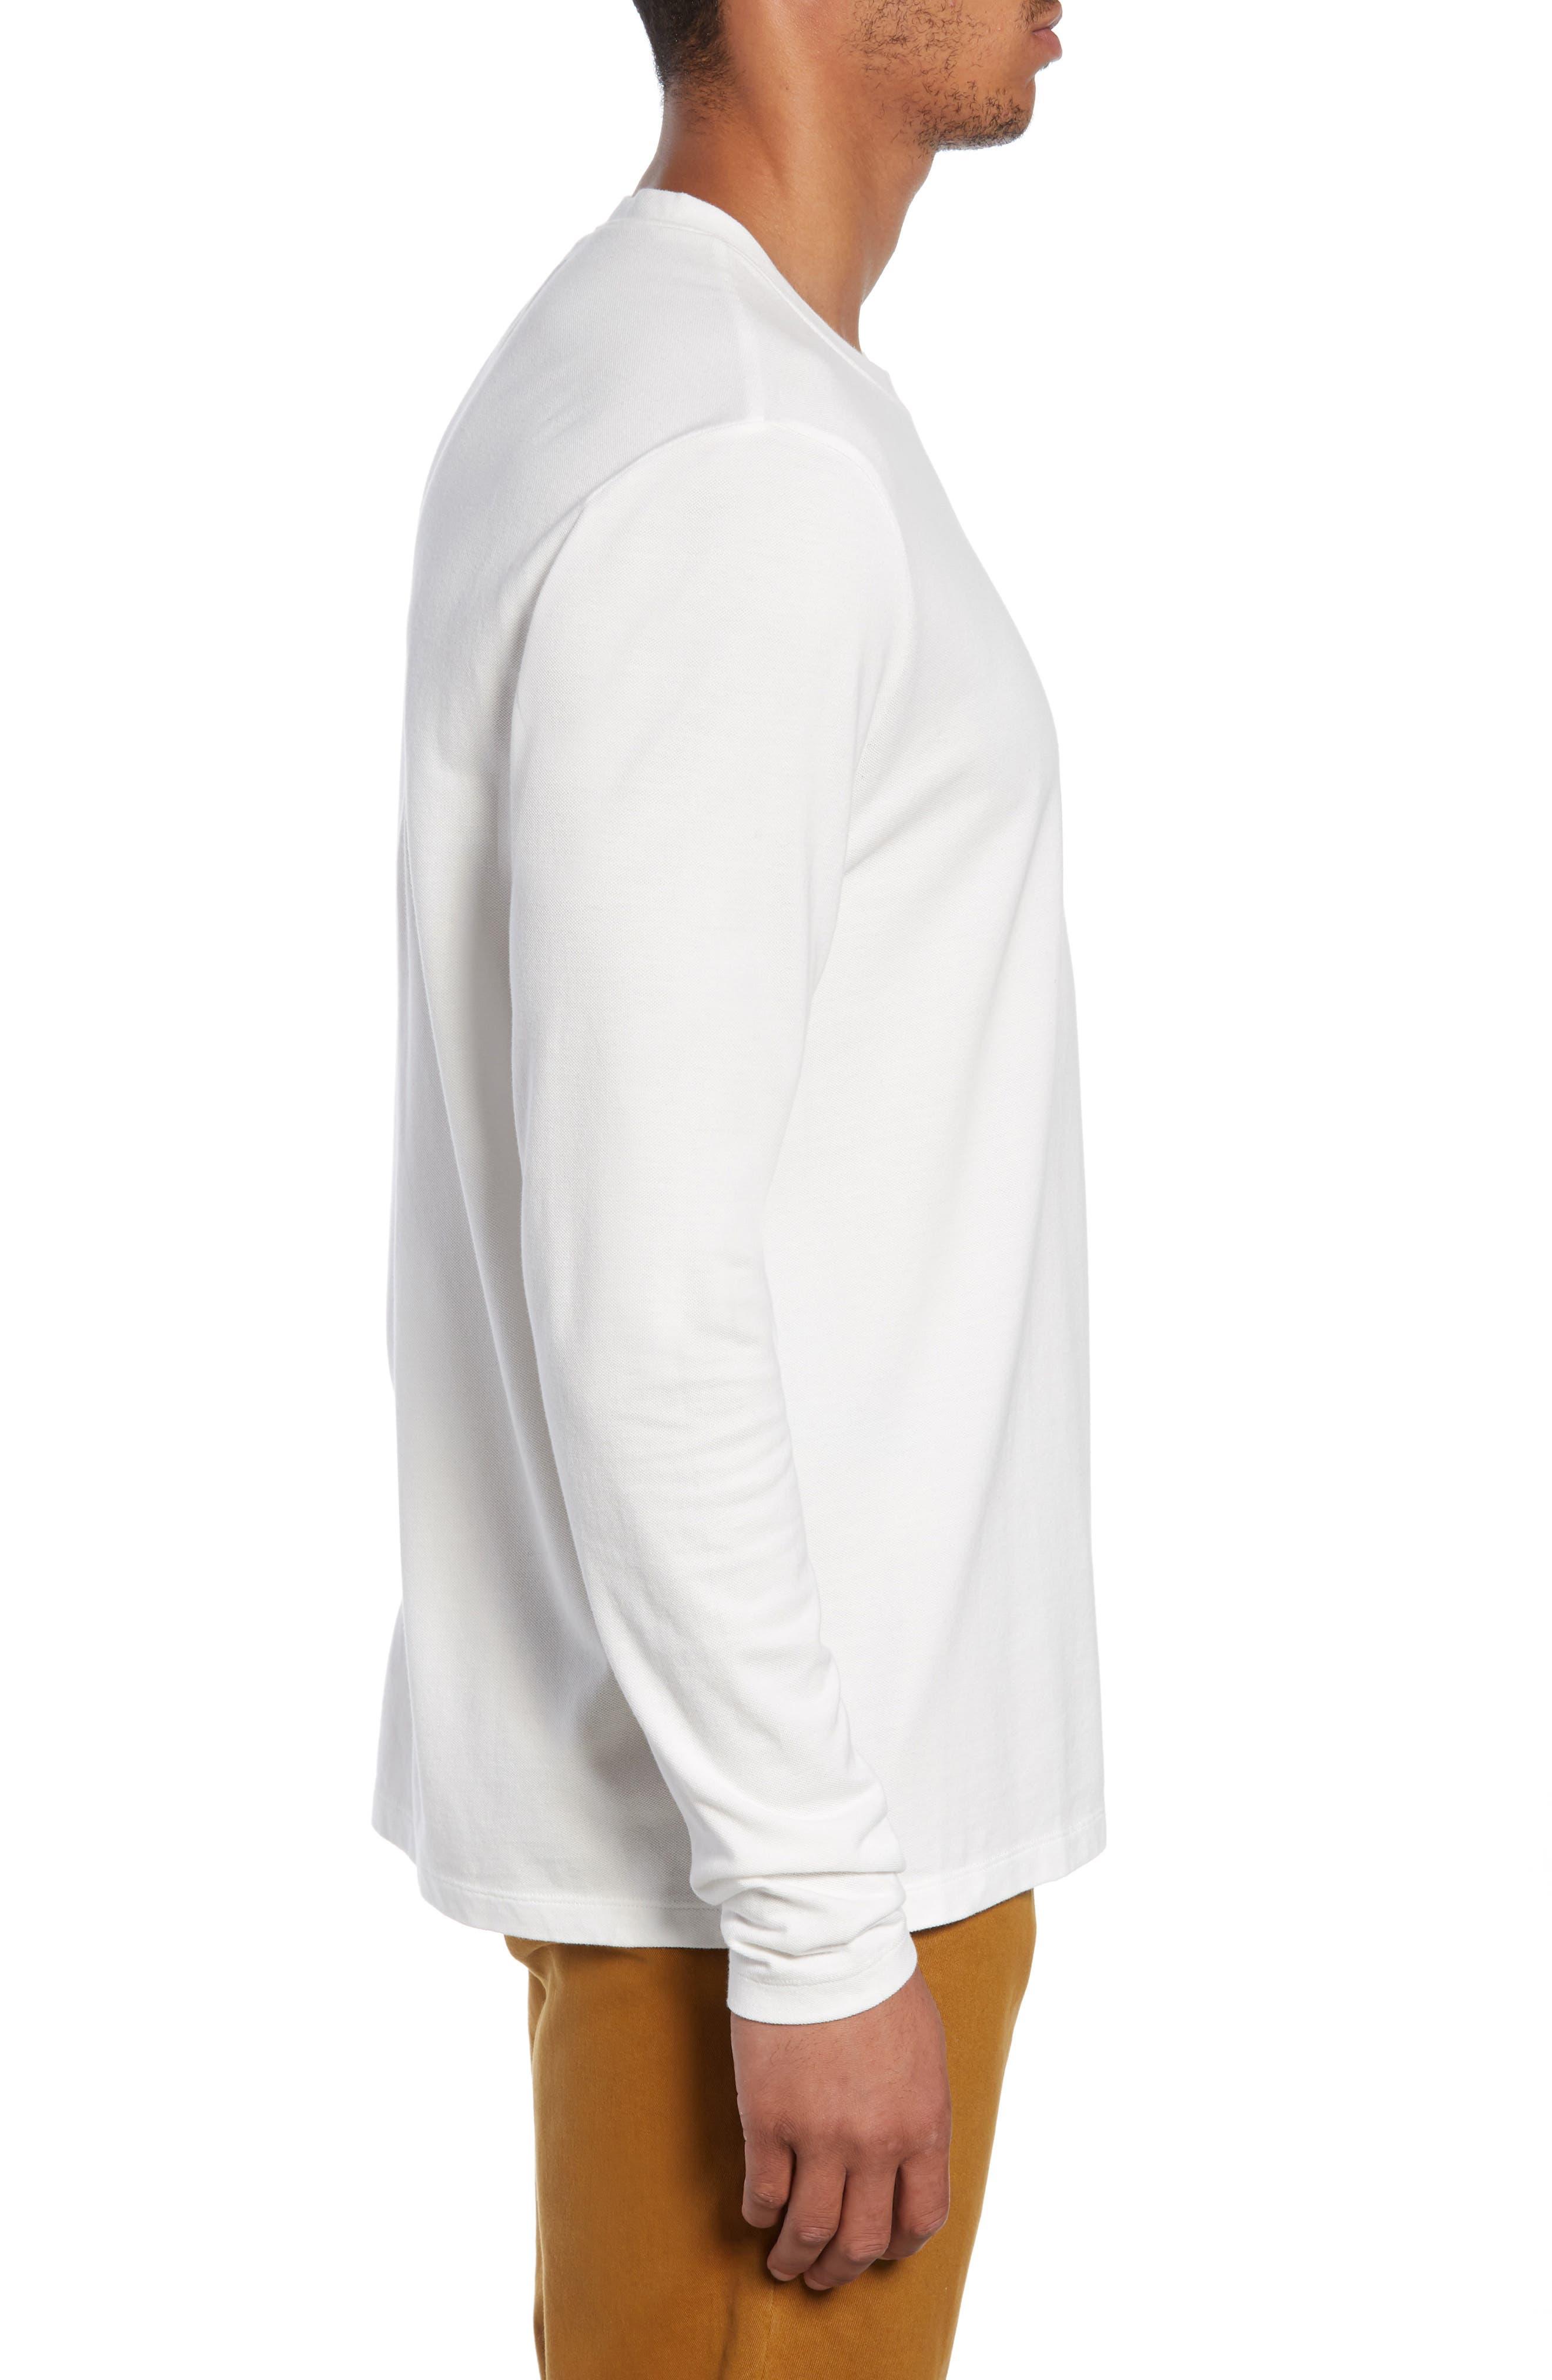 Piqua Pocket T-Shirt,                             Alternate thumbnail 3, color,                             WHITE